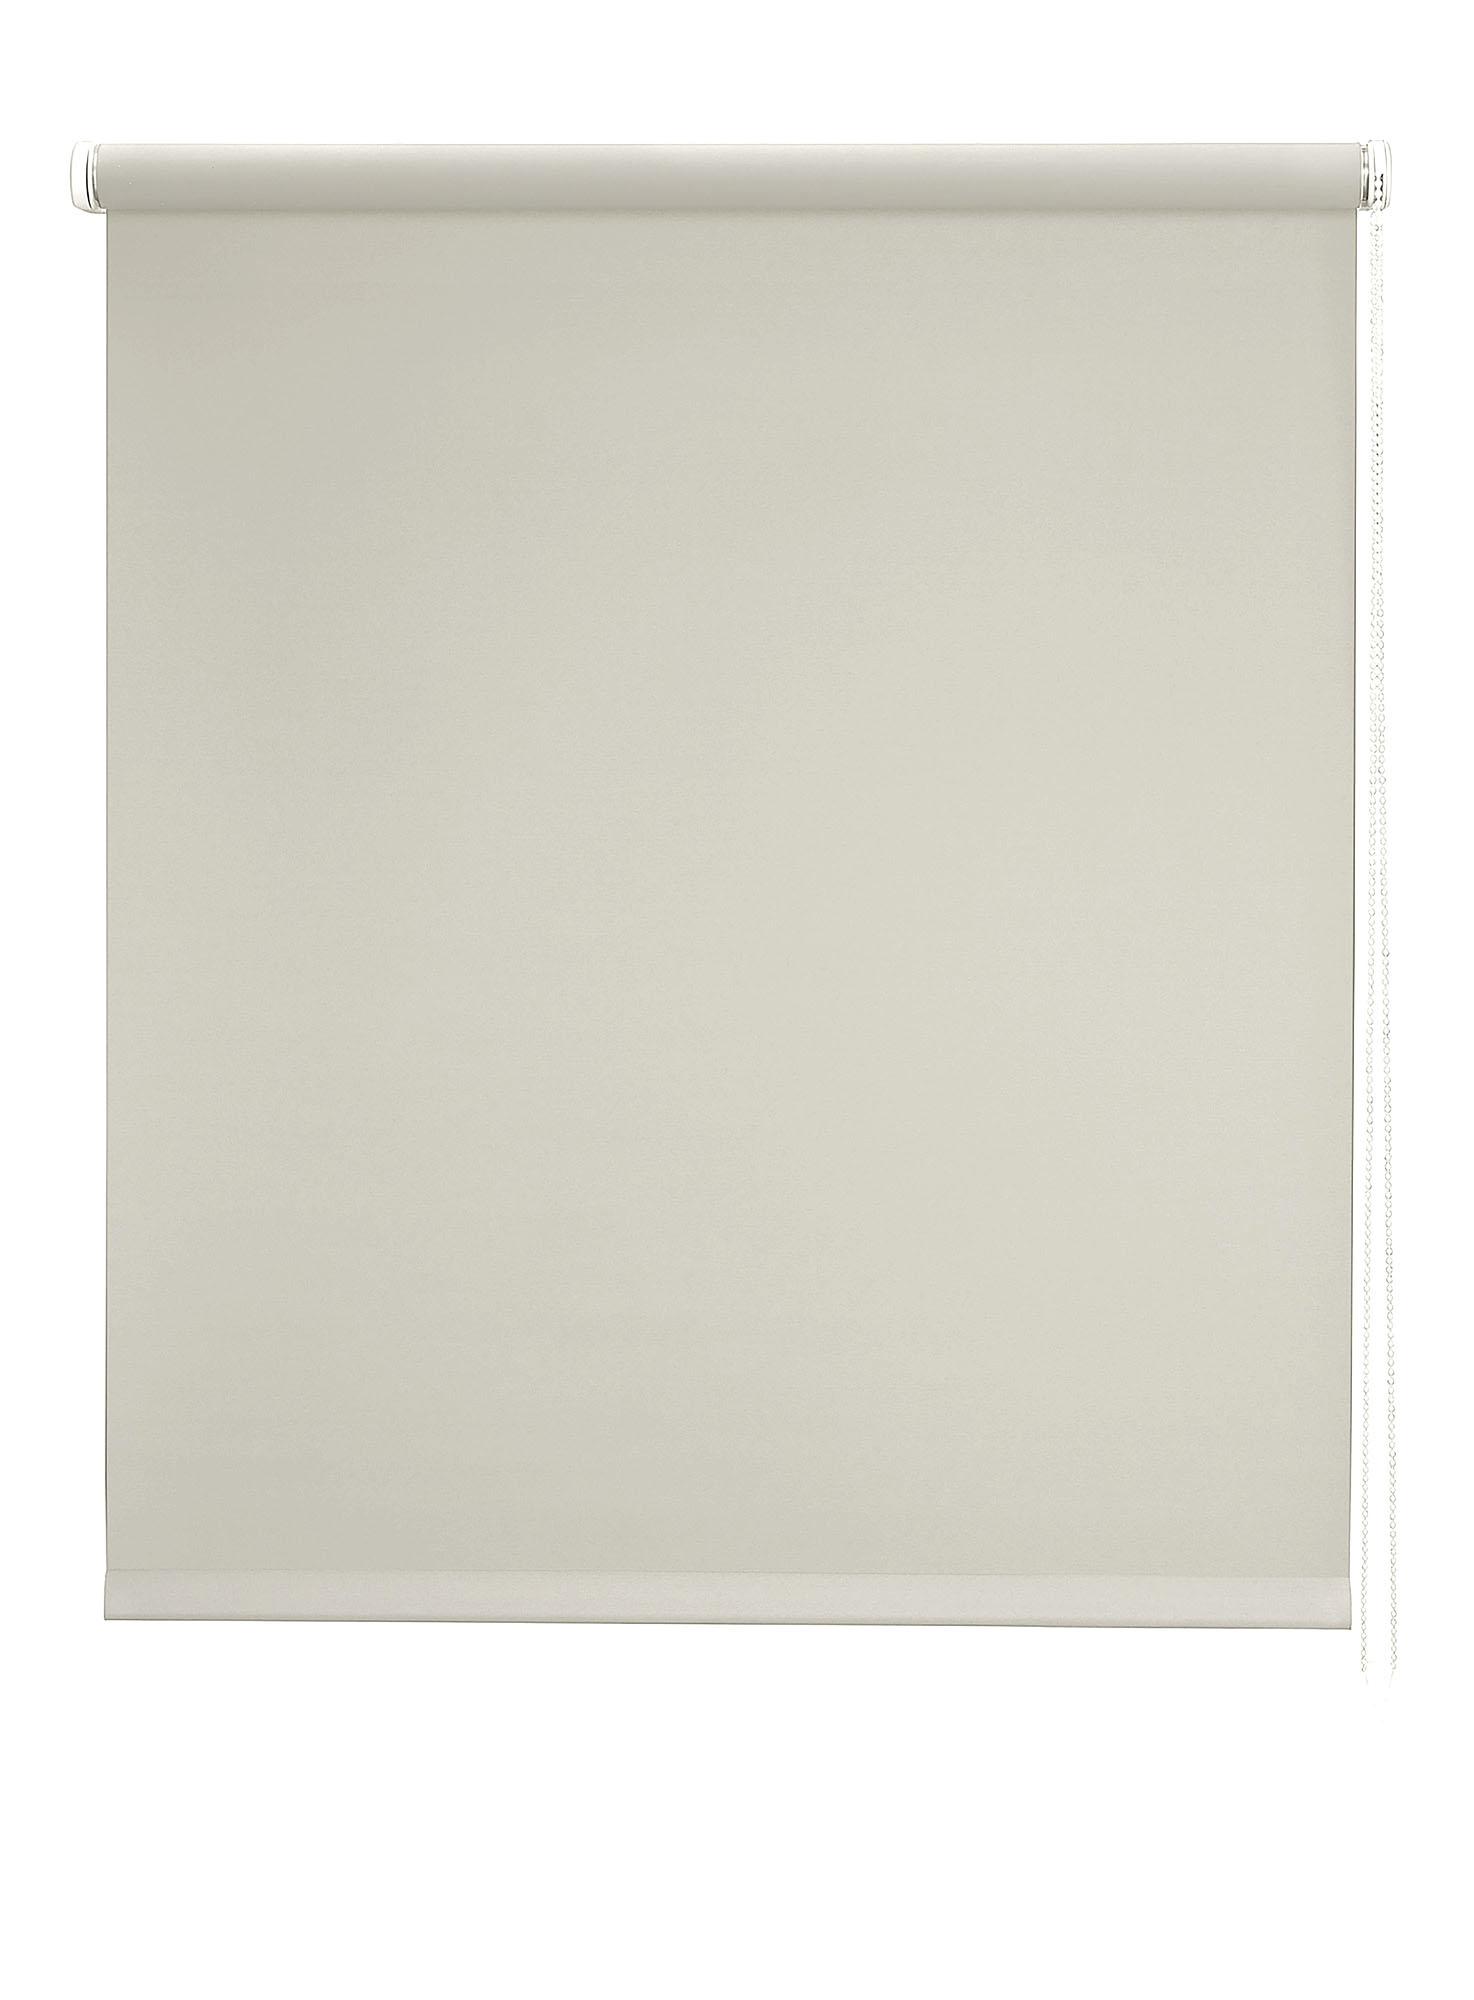 Store enrouleur Translucide - Écru - 90 x 250 cm